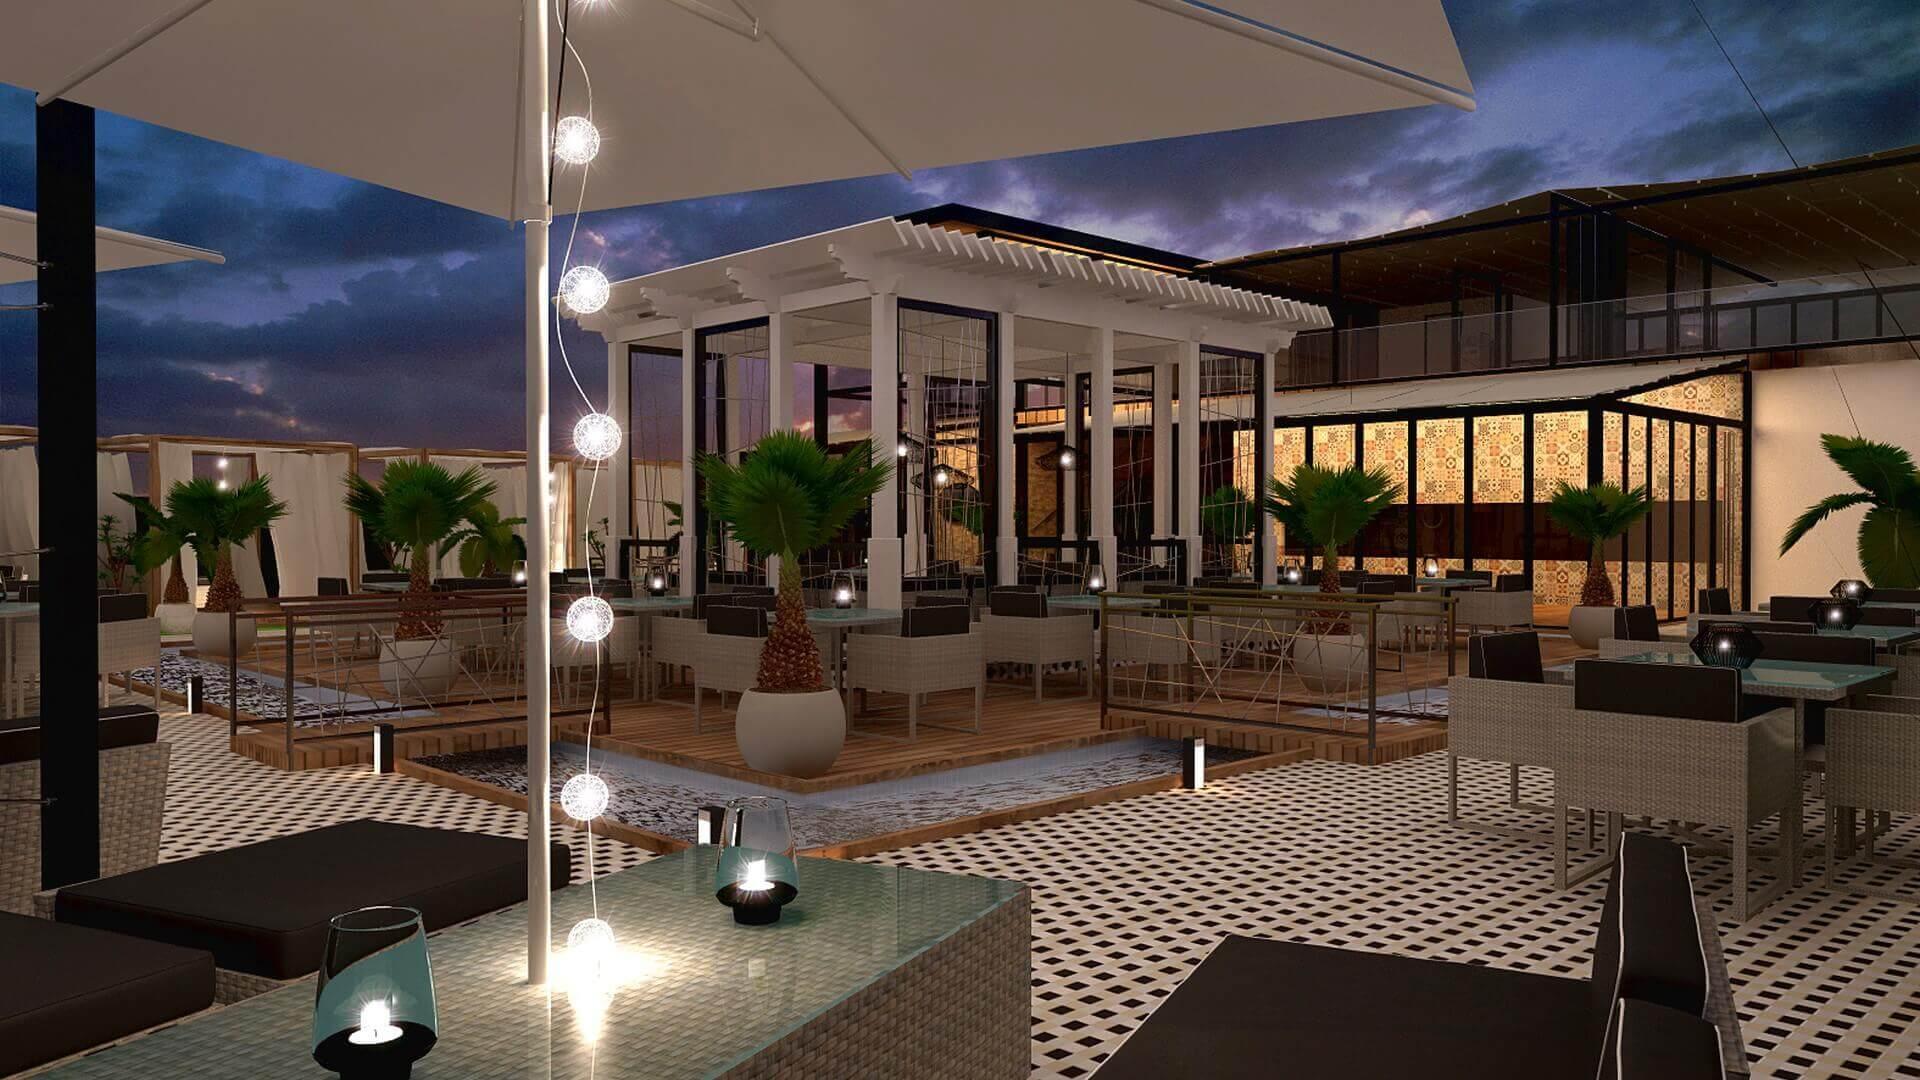 İskenderun 2087 Iskenderun Restaurant Restaurants